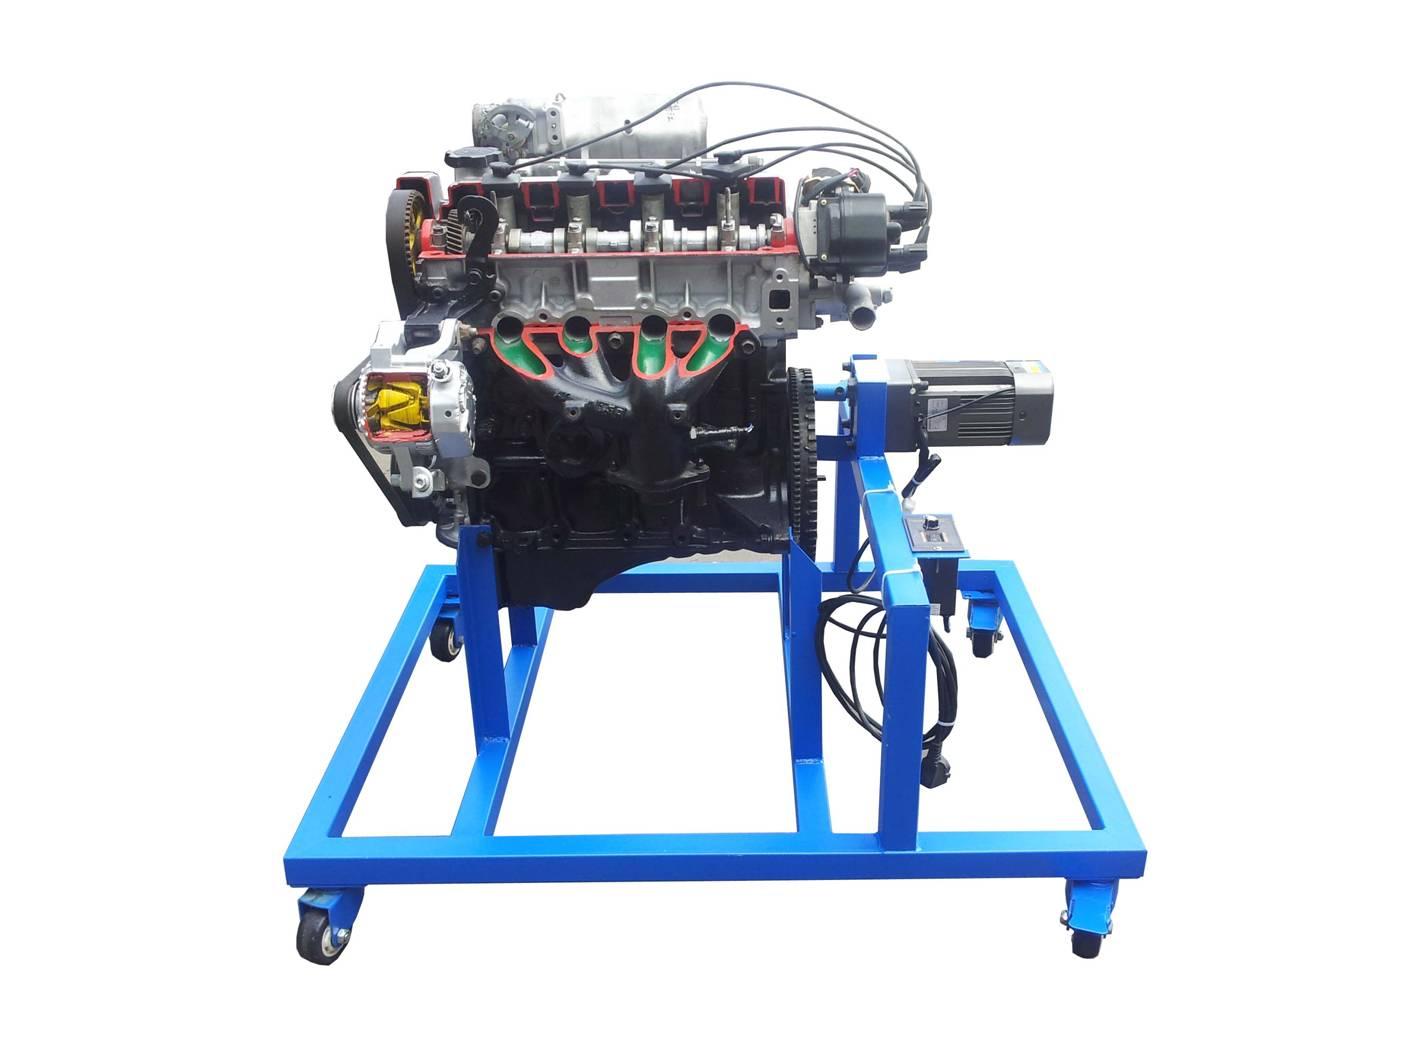 一、产品简介 该设备采用电控汽油发动机总成进行剖面处理,各部件齐全,剖面位置合理,能全面展示汽油发动机内外部结构和部件的运动情况,适用于汽油发动机原理和机械机构的教学。 二、功能特点 1.采用原厂汽油发动机实物总成进行机构切剖,充分展示汽油发动机机构部分的内外结构。 2.